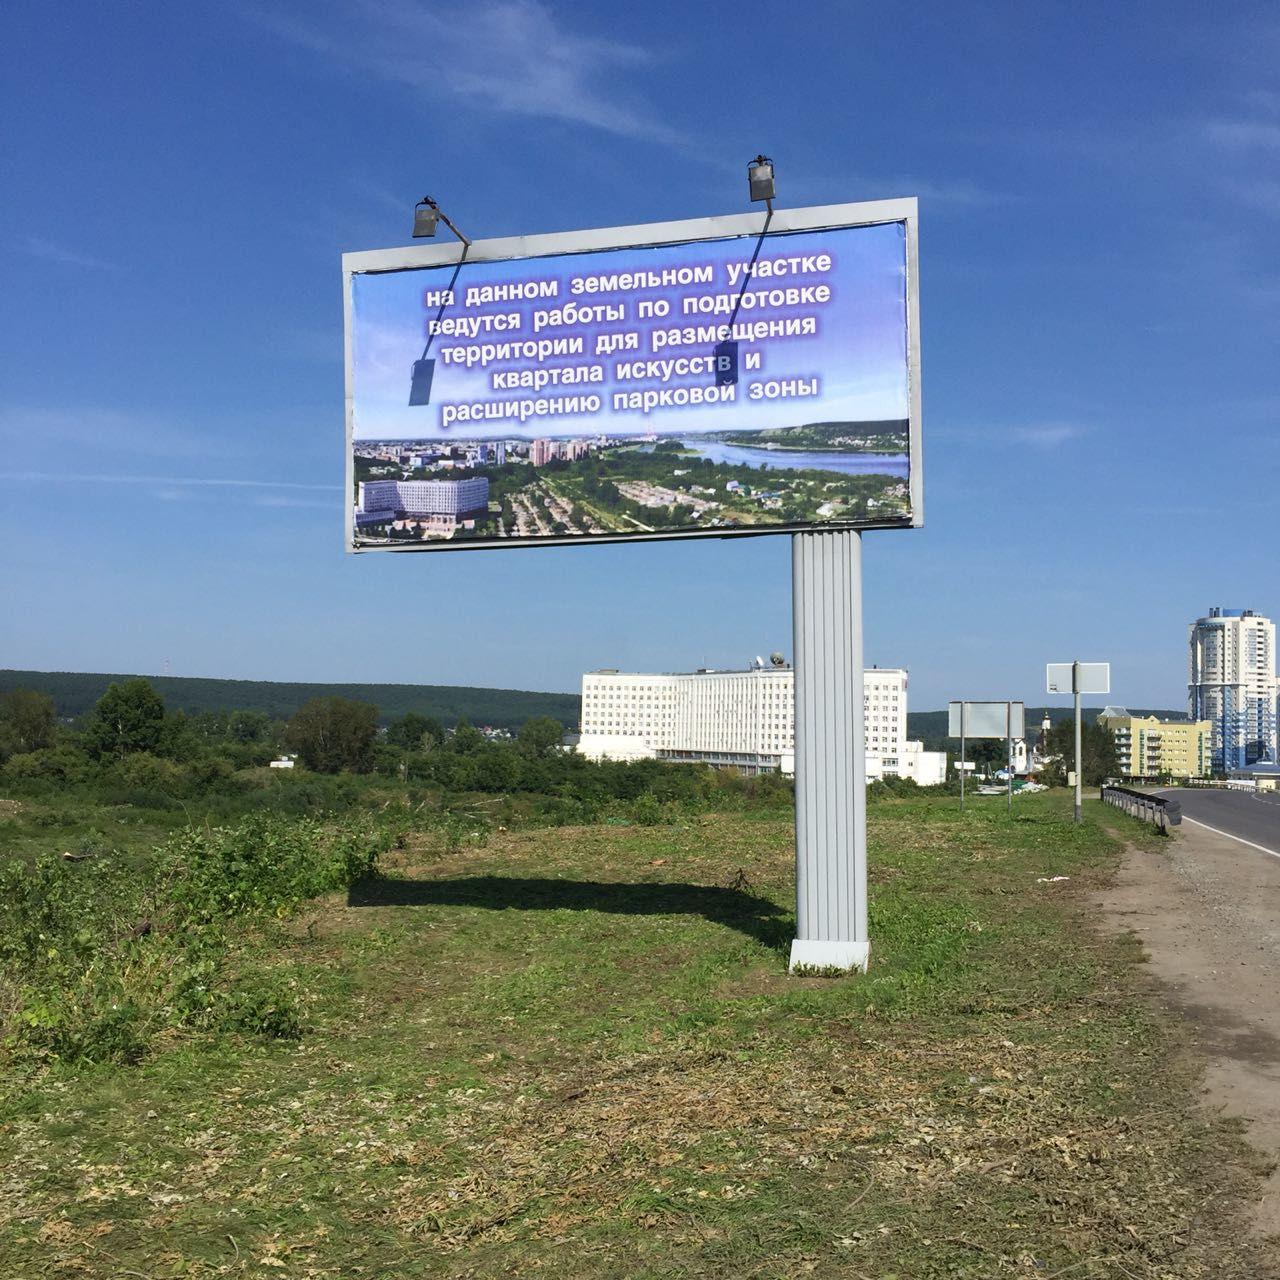 На берегу Искитимки в Кемерове появится квартал искусств